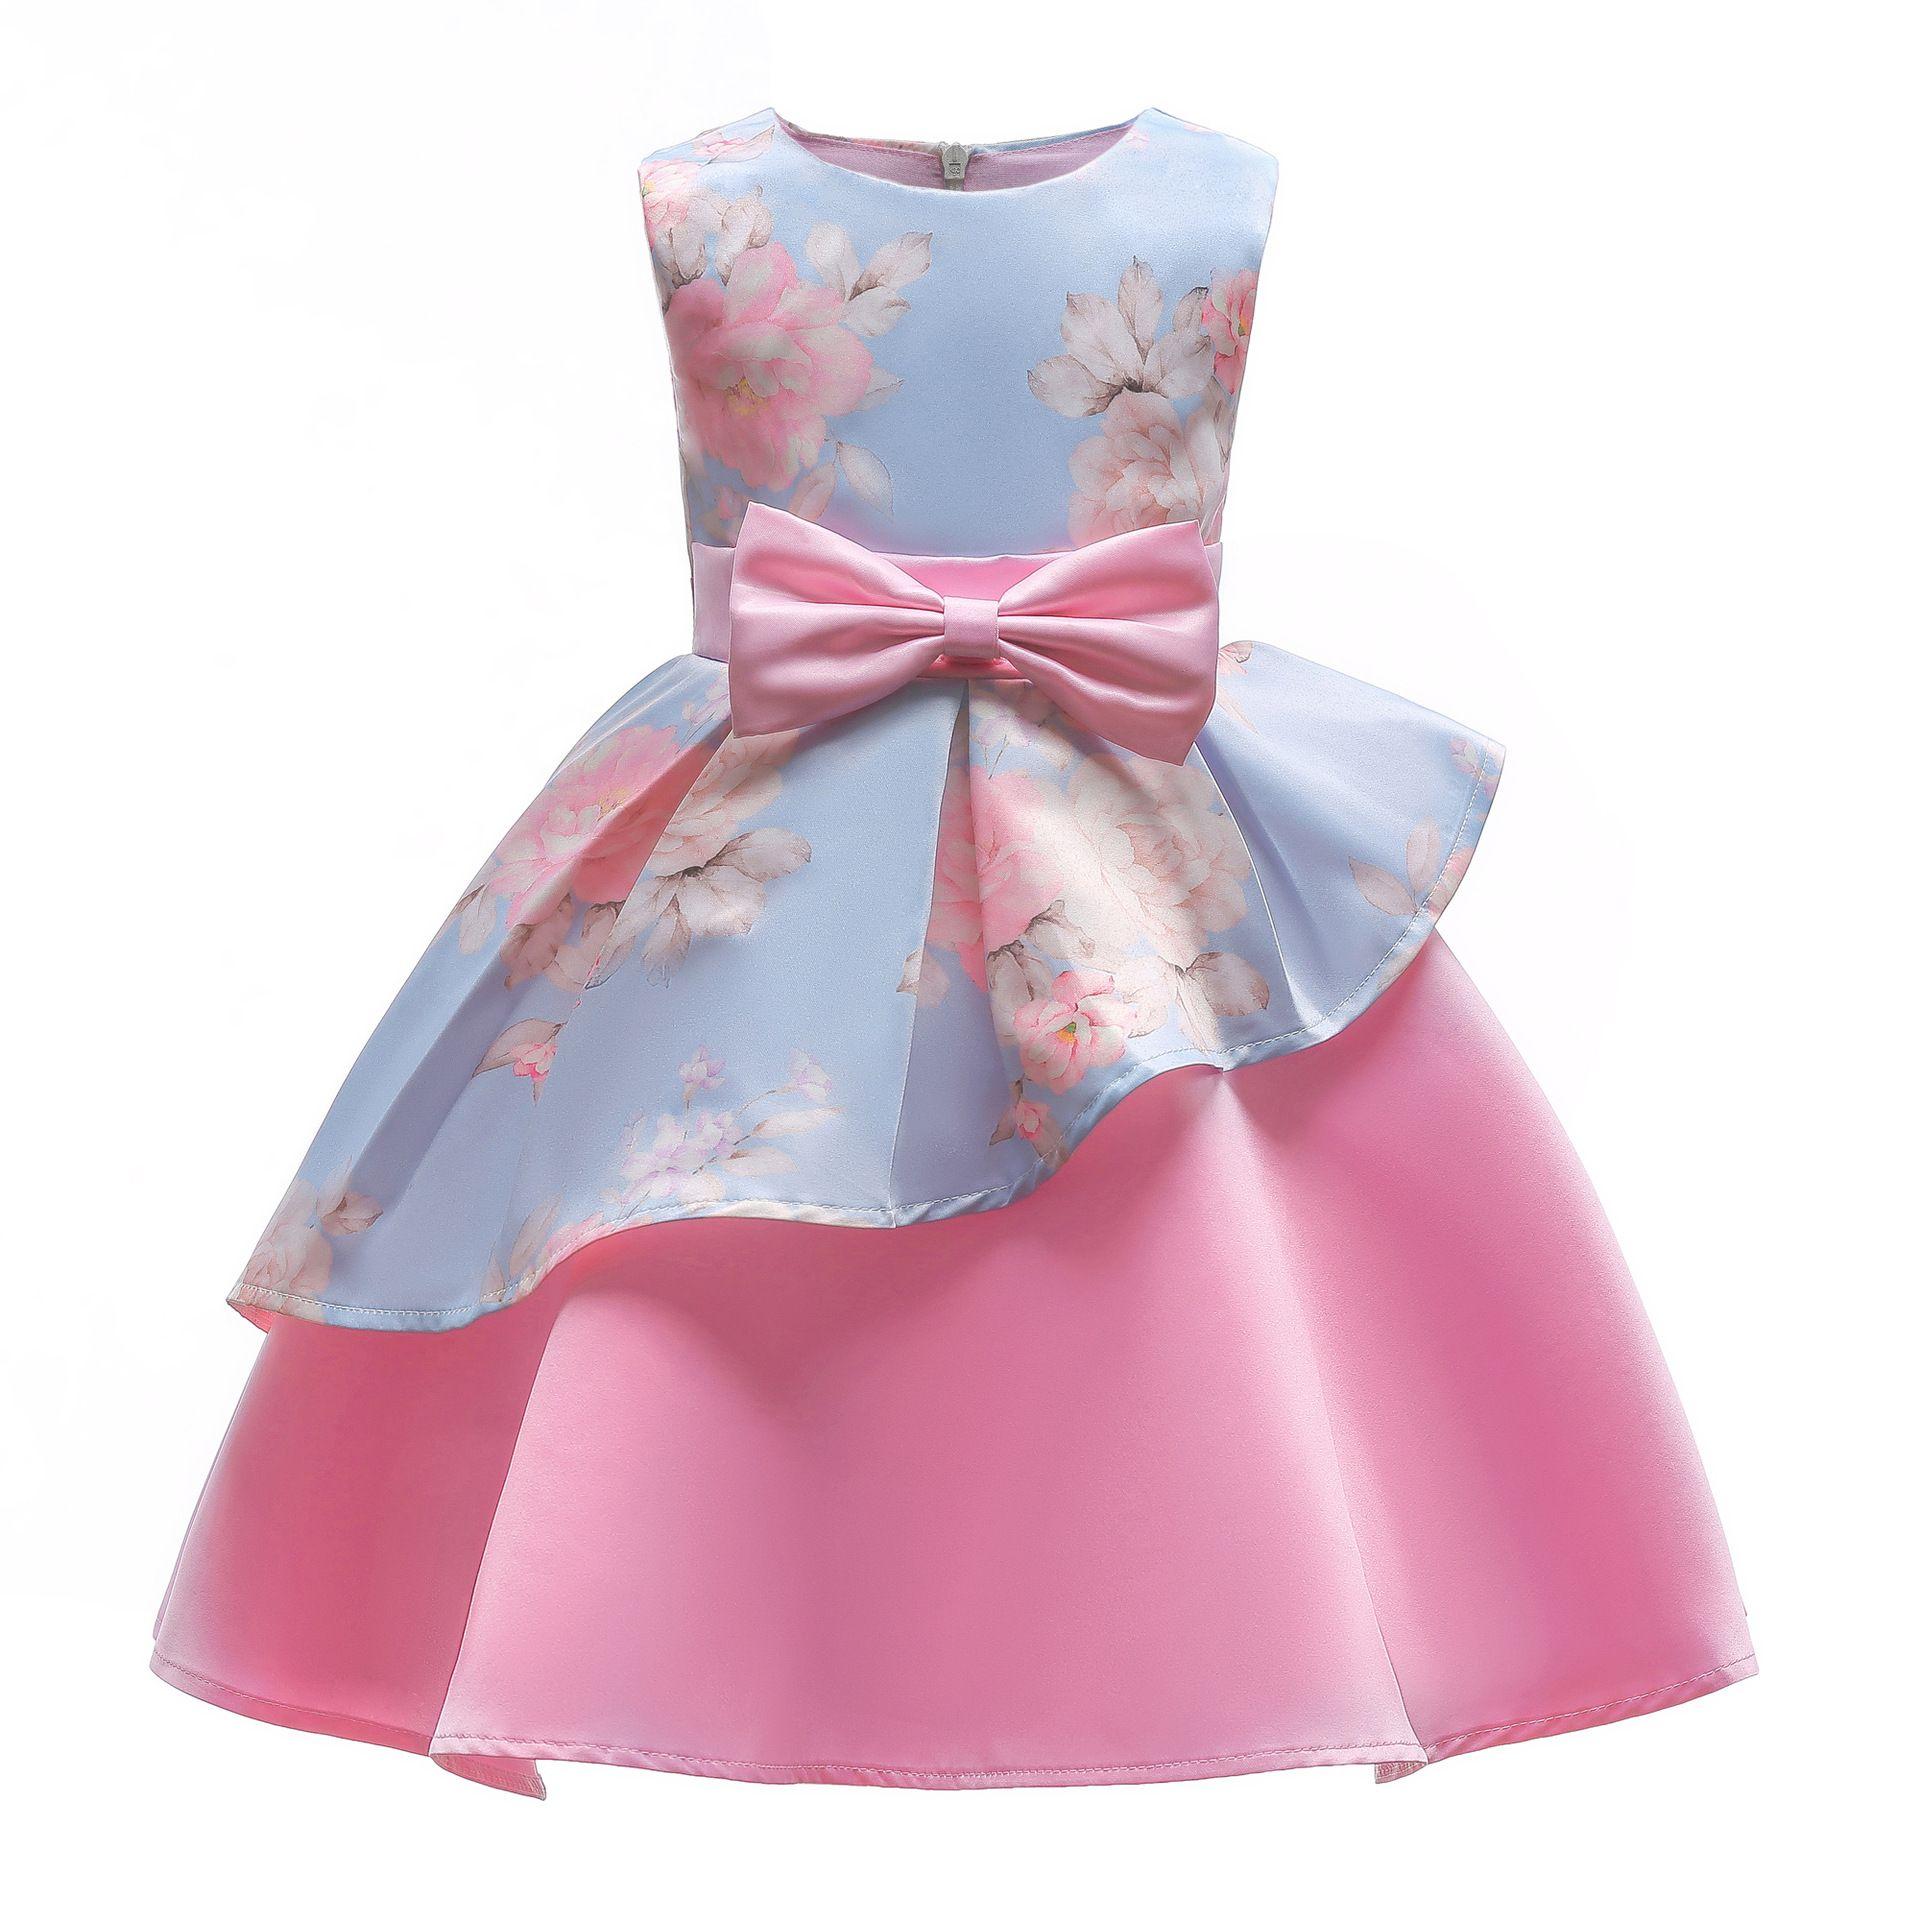 a8343b183 Compre La Princesa Faldas Vestidos De Flores Para Bebés Para Bodas Vestidos  De Fiesta Para Niñas Vestidos Del Desfile Las Faldas De Estilo Europeo Y ...